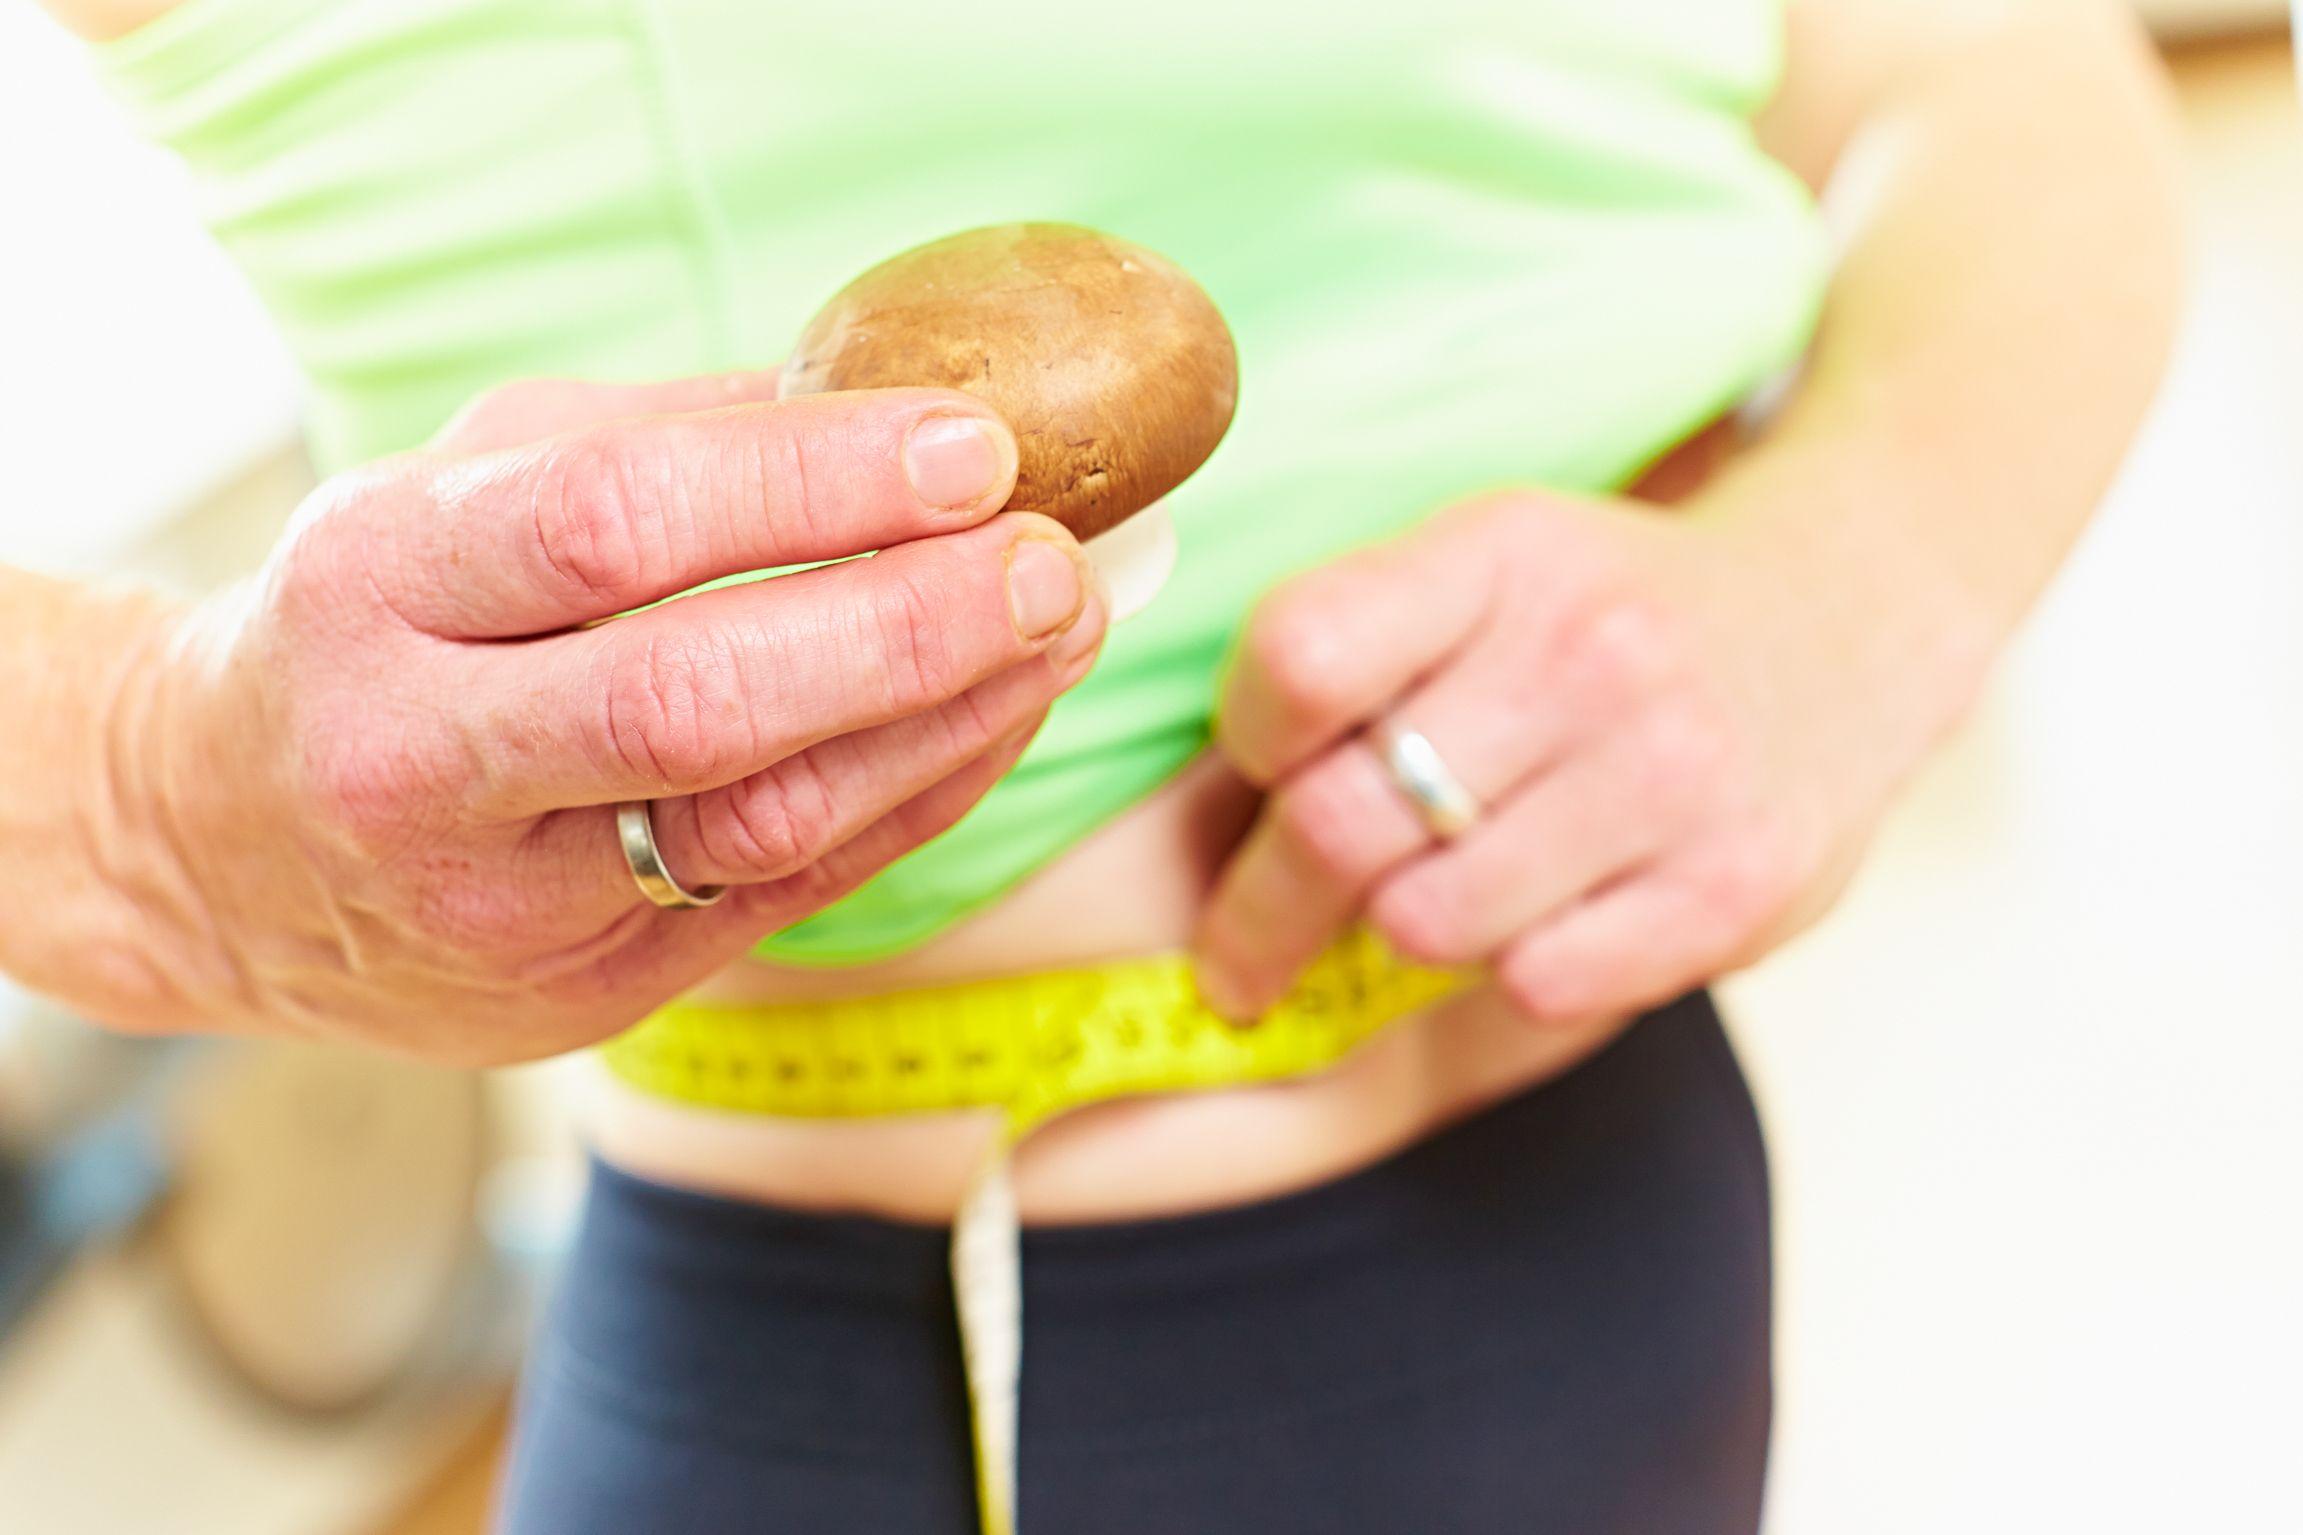 Pilz-Ballaststoffe – natürlich und soo gesund